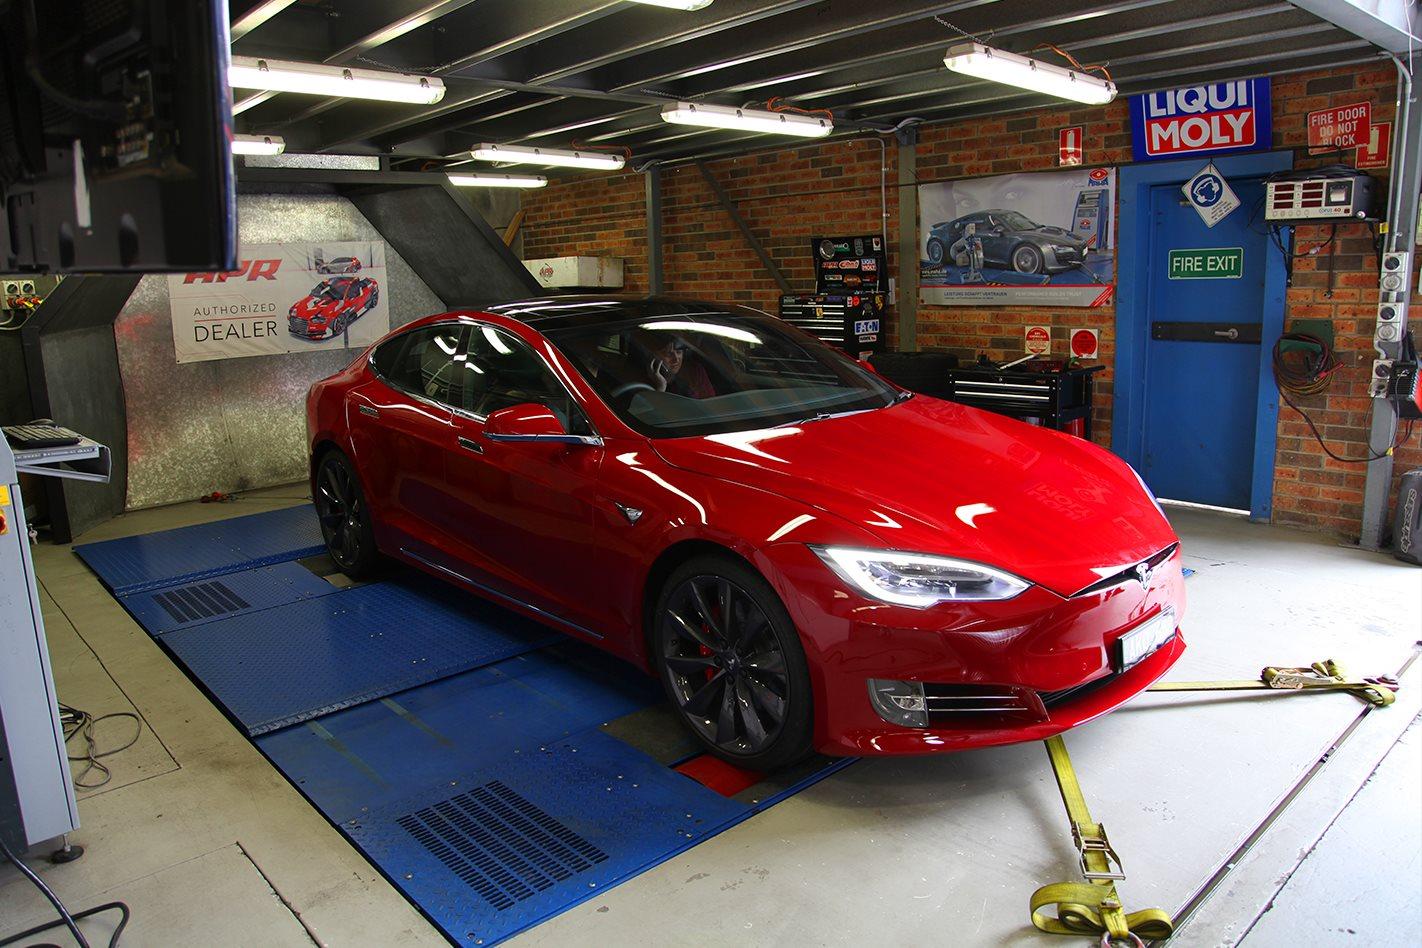 Tesla on dyno 2